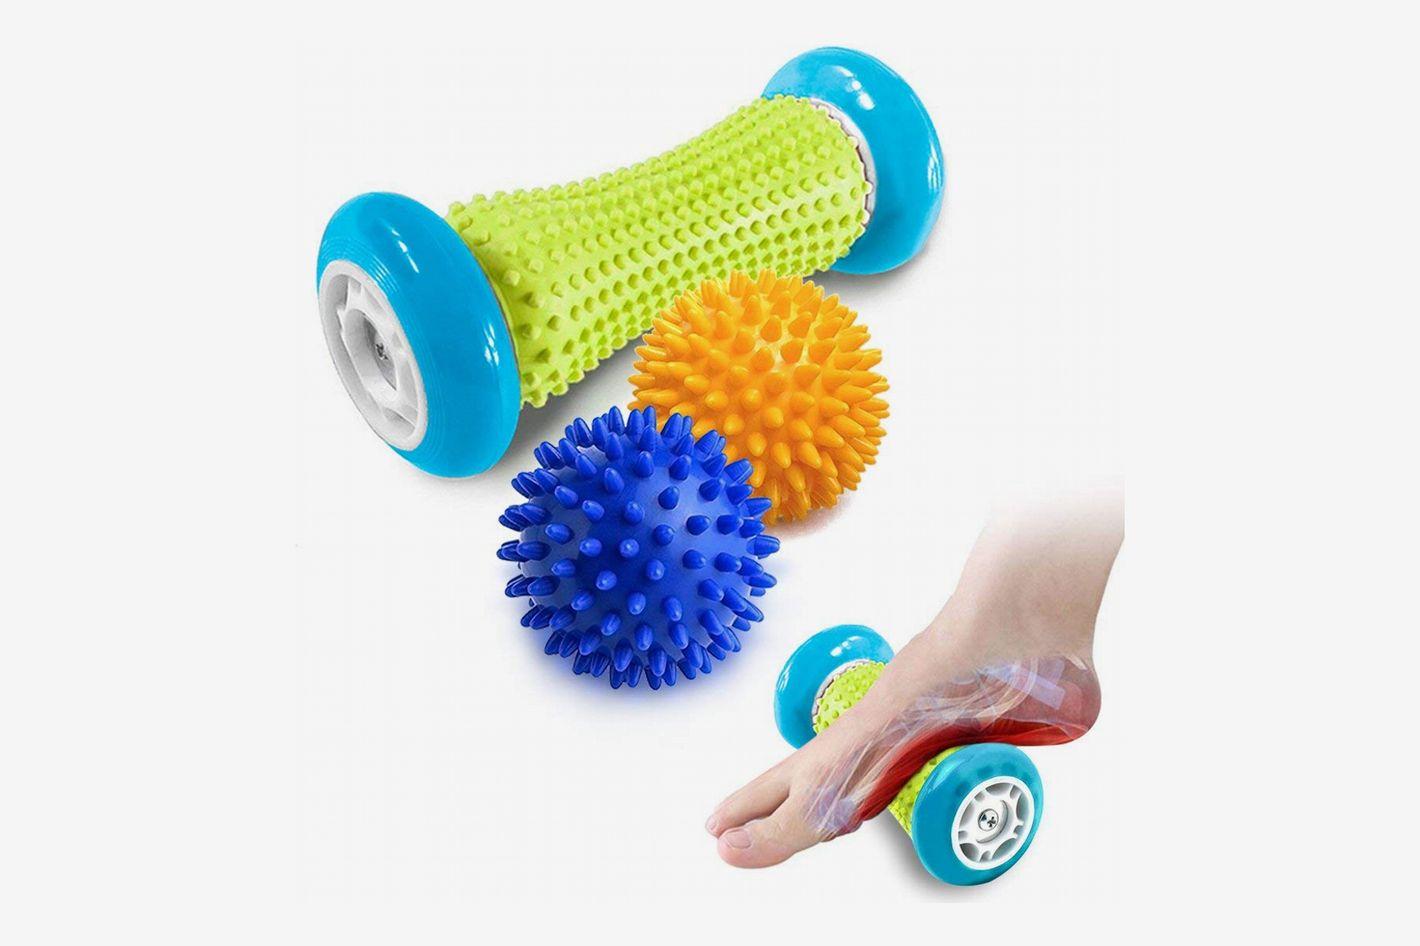 Pasnity Spiky Foot Massage Roller Set